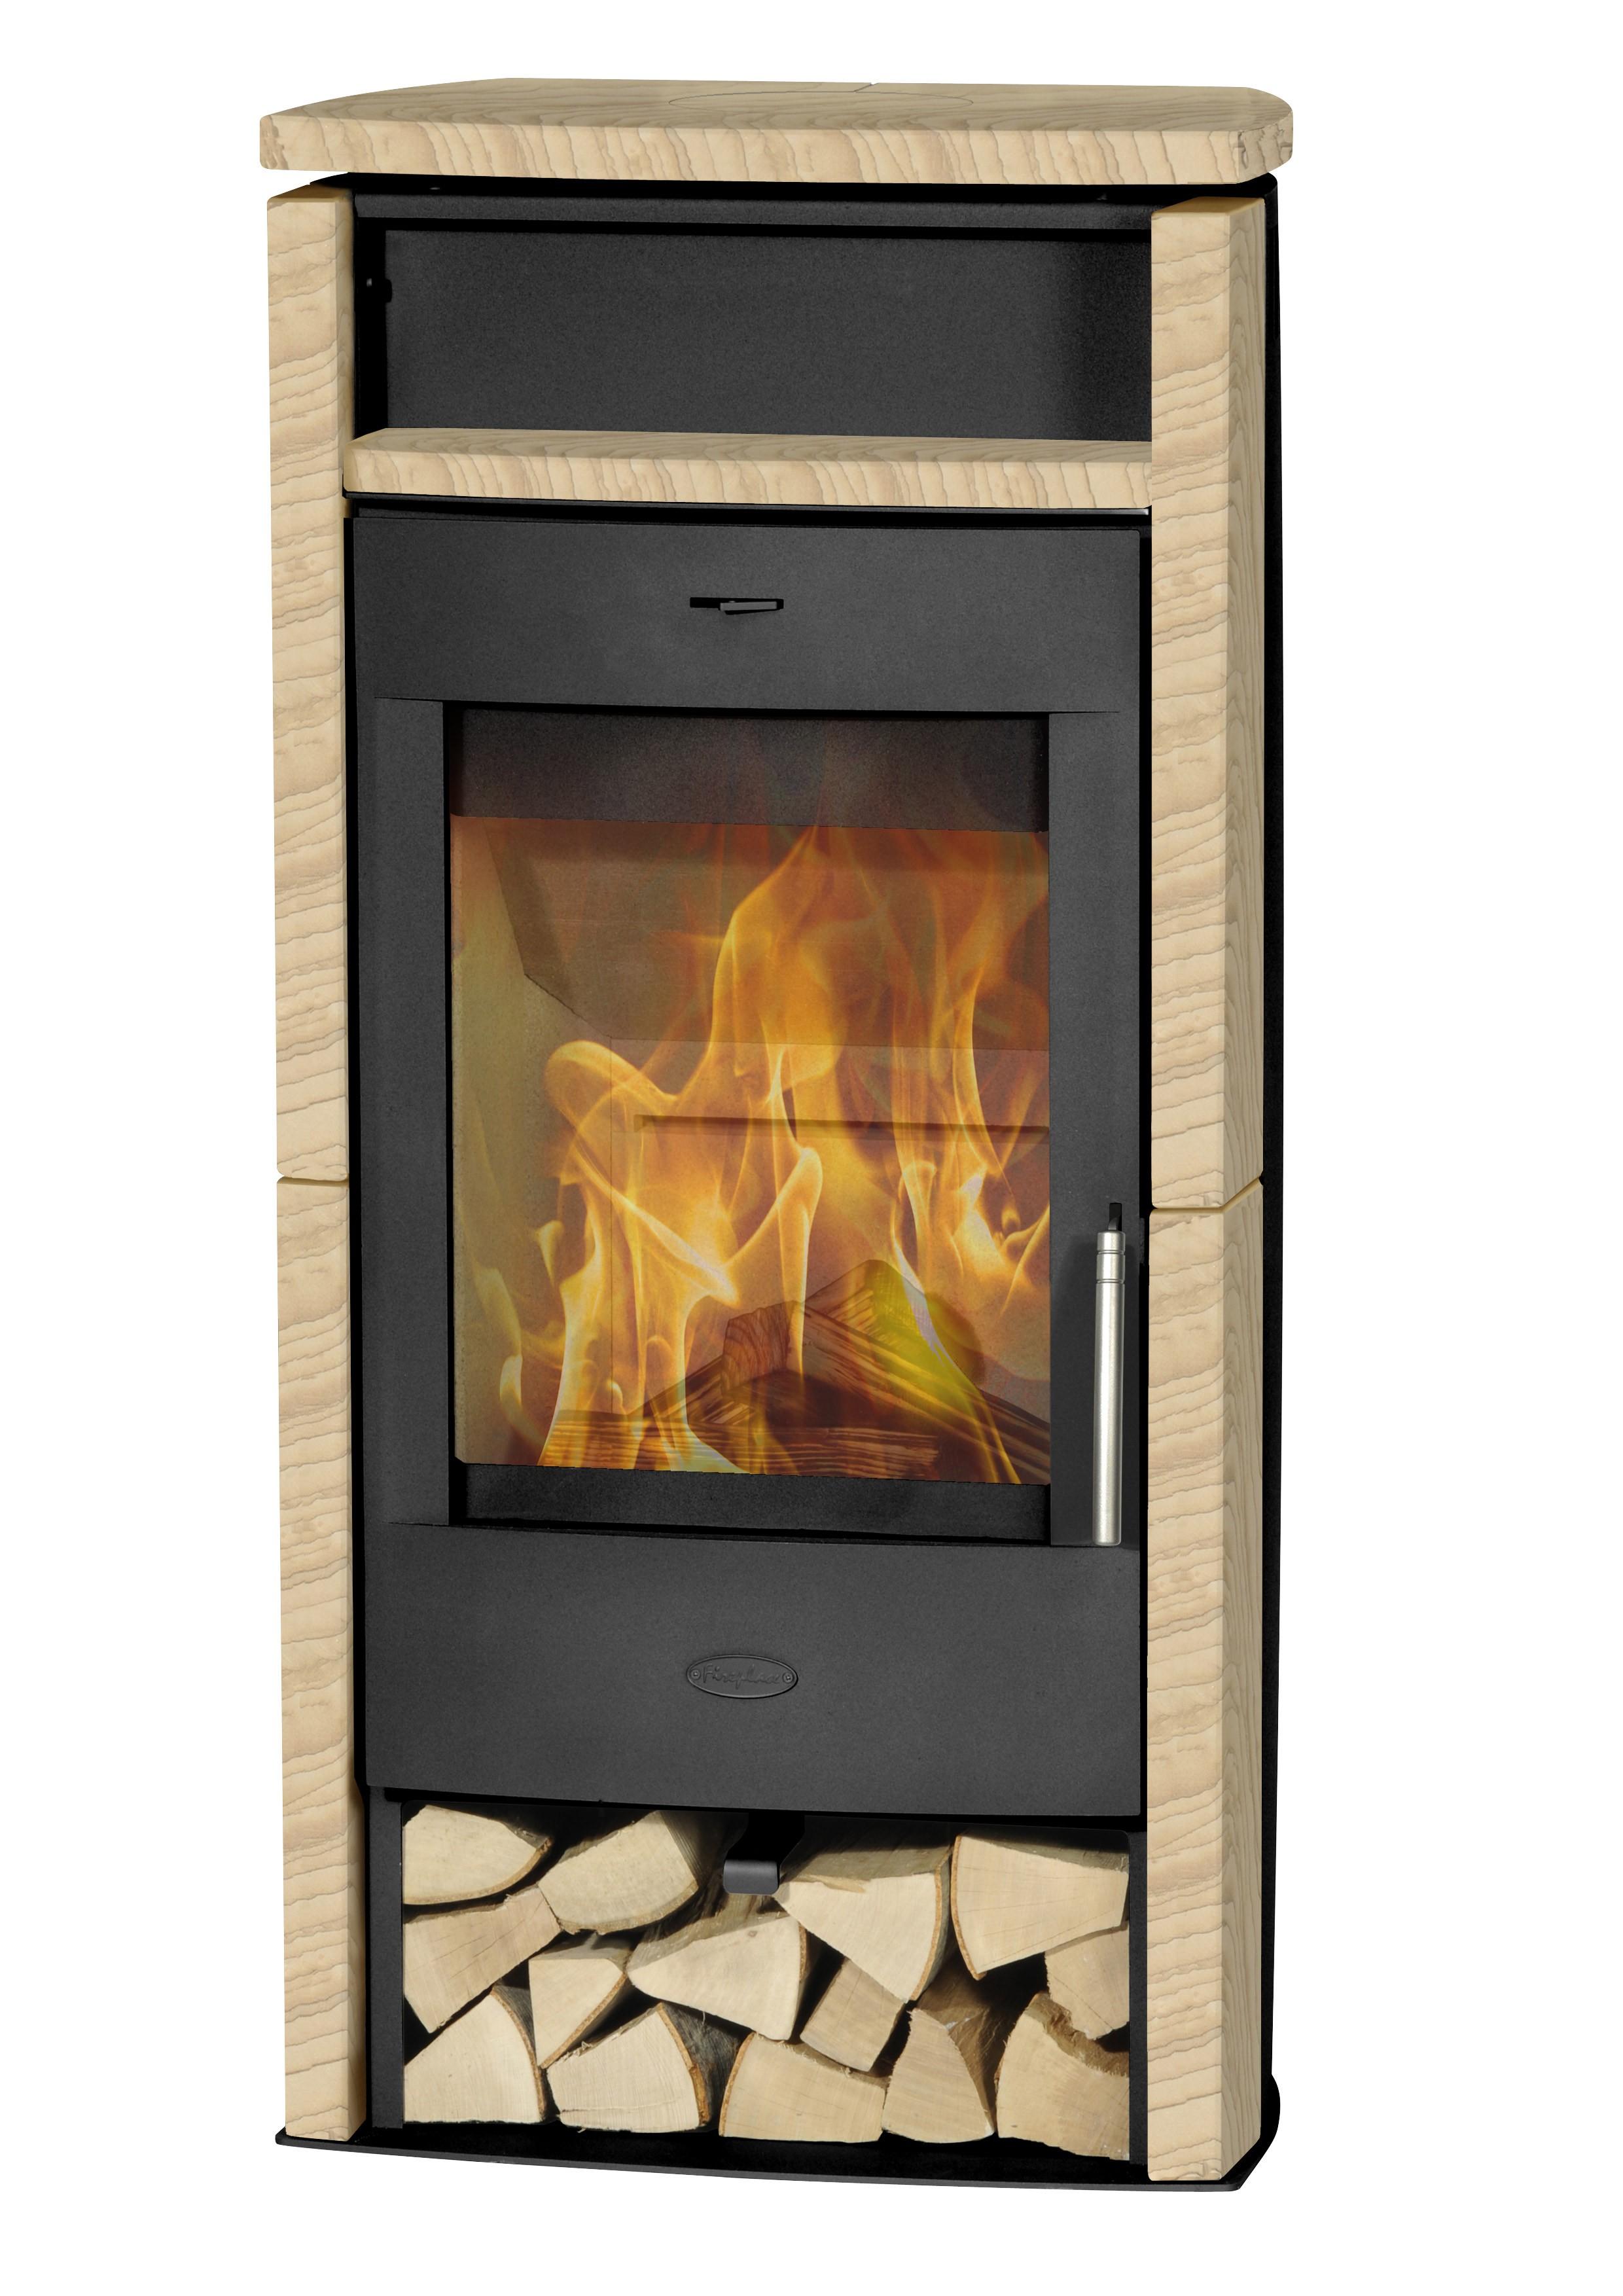 Kaminofen Fireplace Santiago schwarz Sandstein 6kW Bild 1